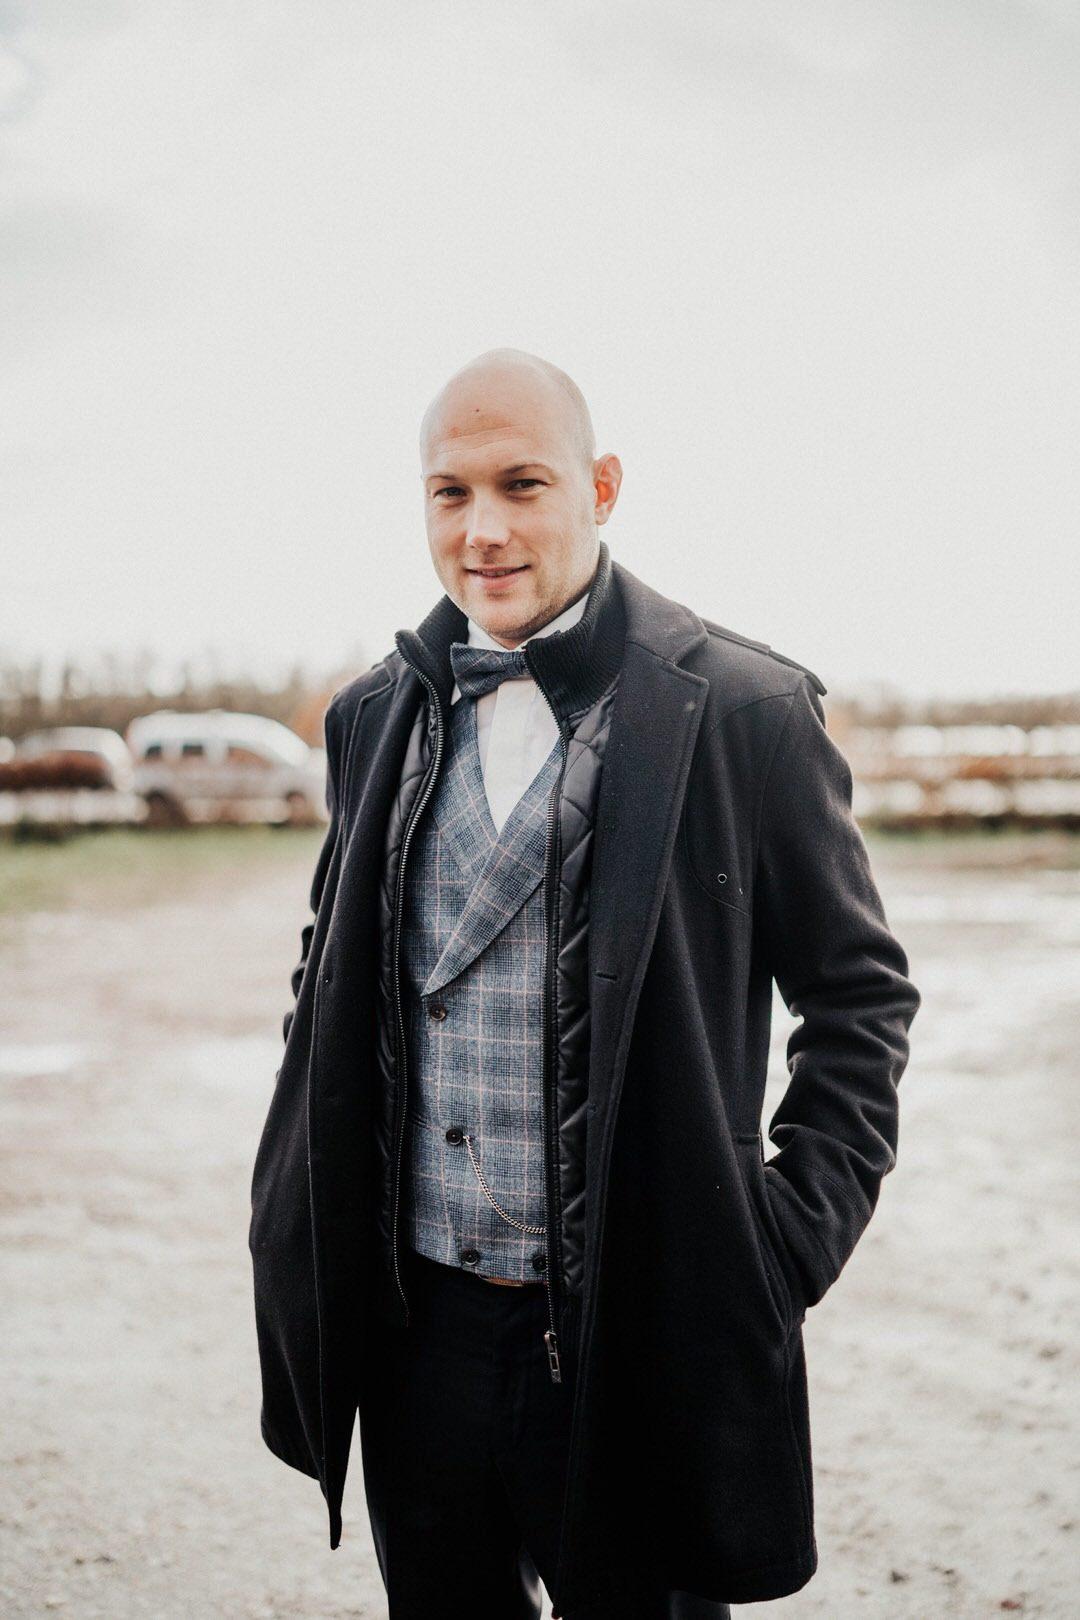 Bräutigam Style, Outfit für den Mann bei einer Winterhochzeit in Wiesbaden